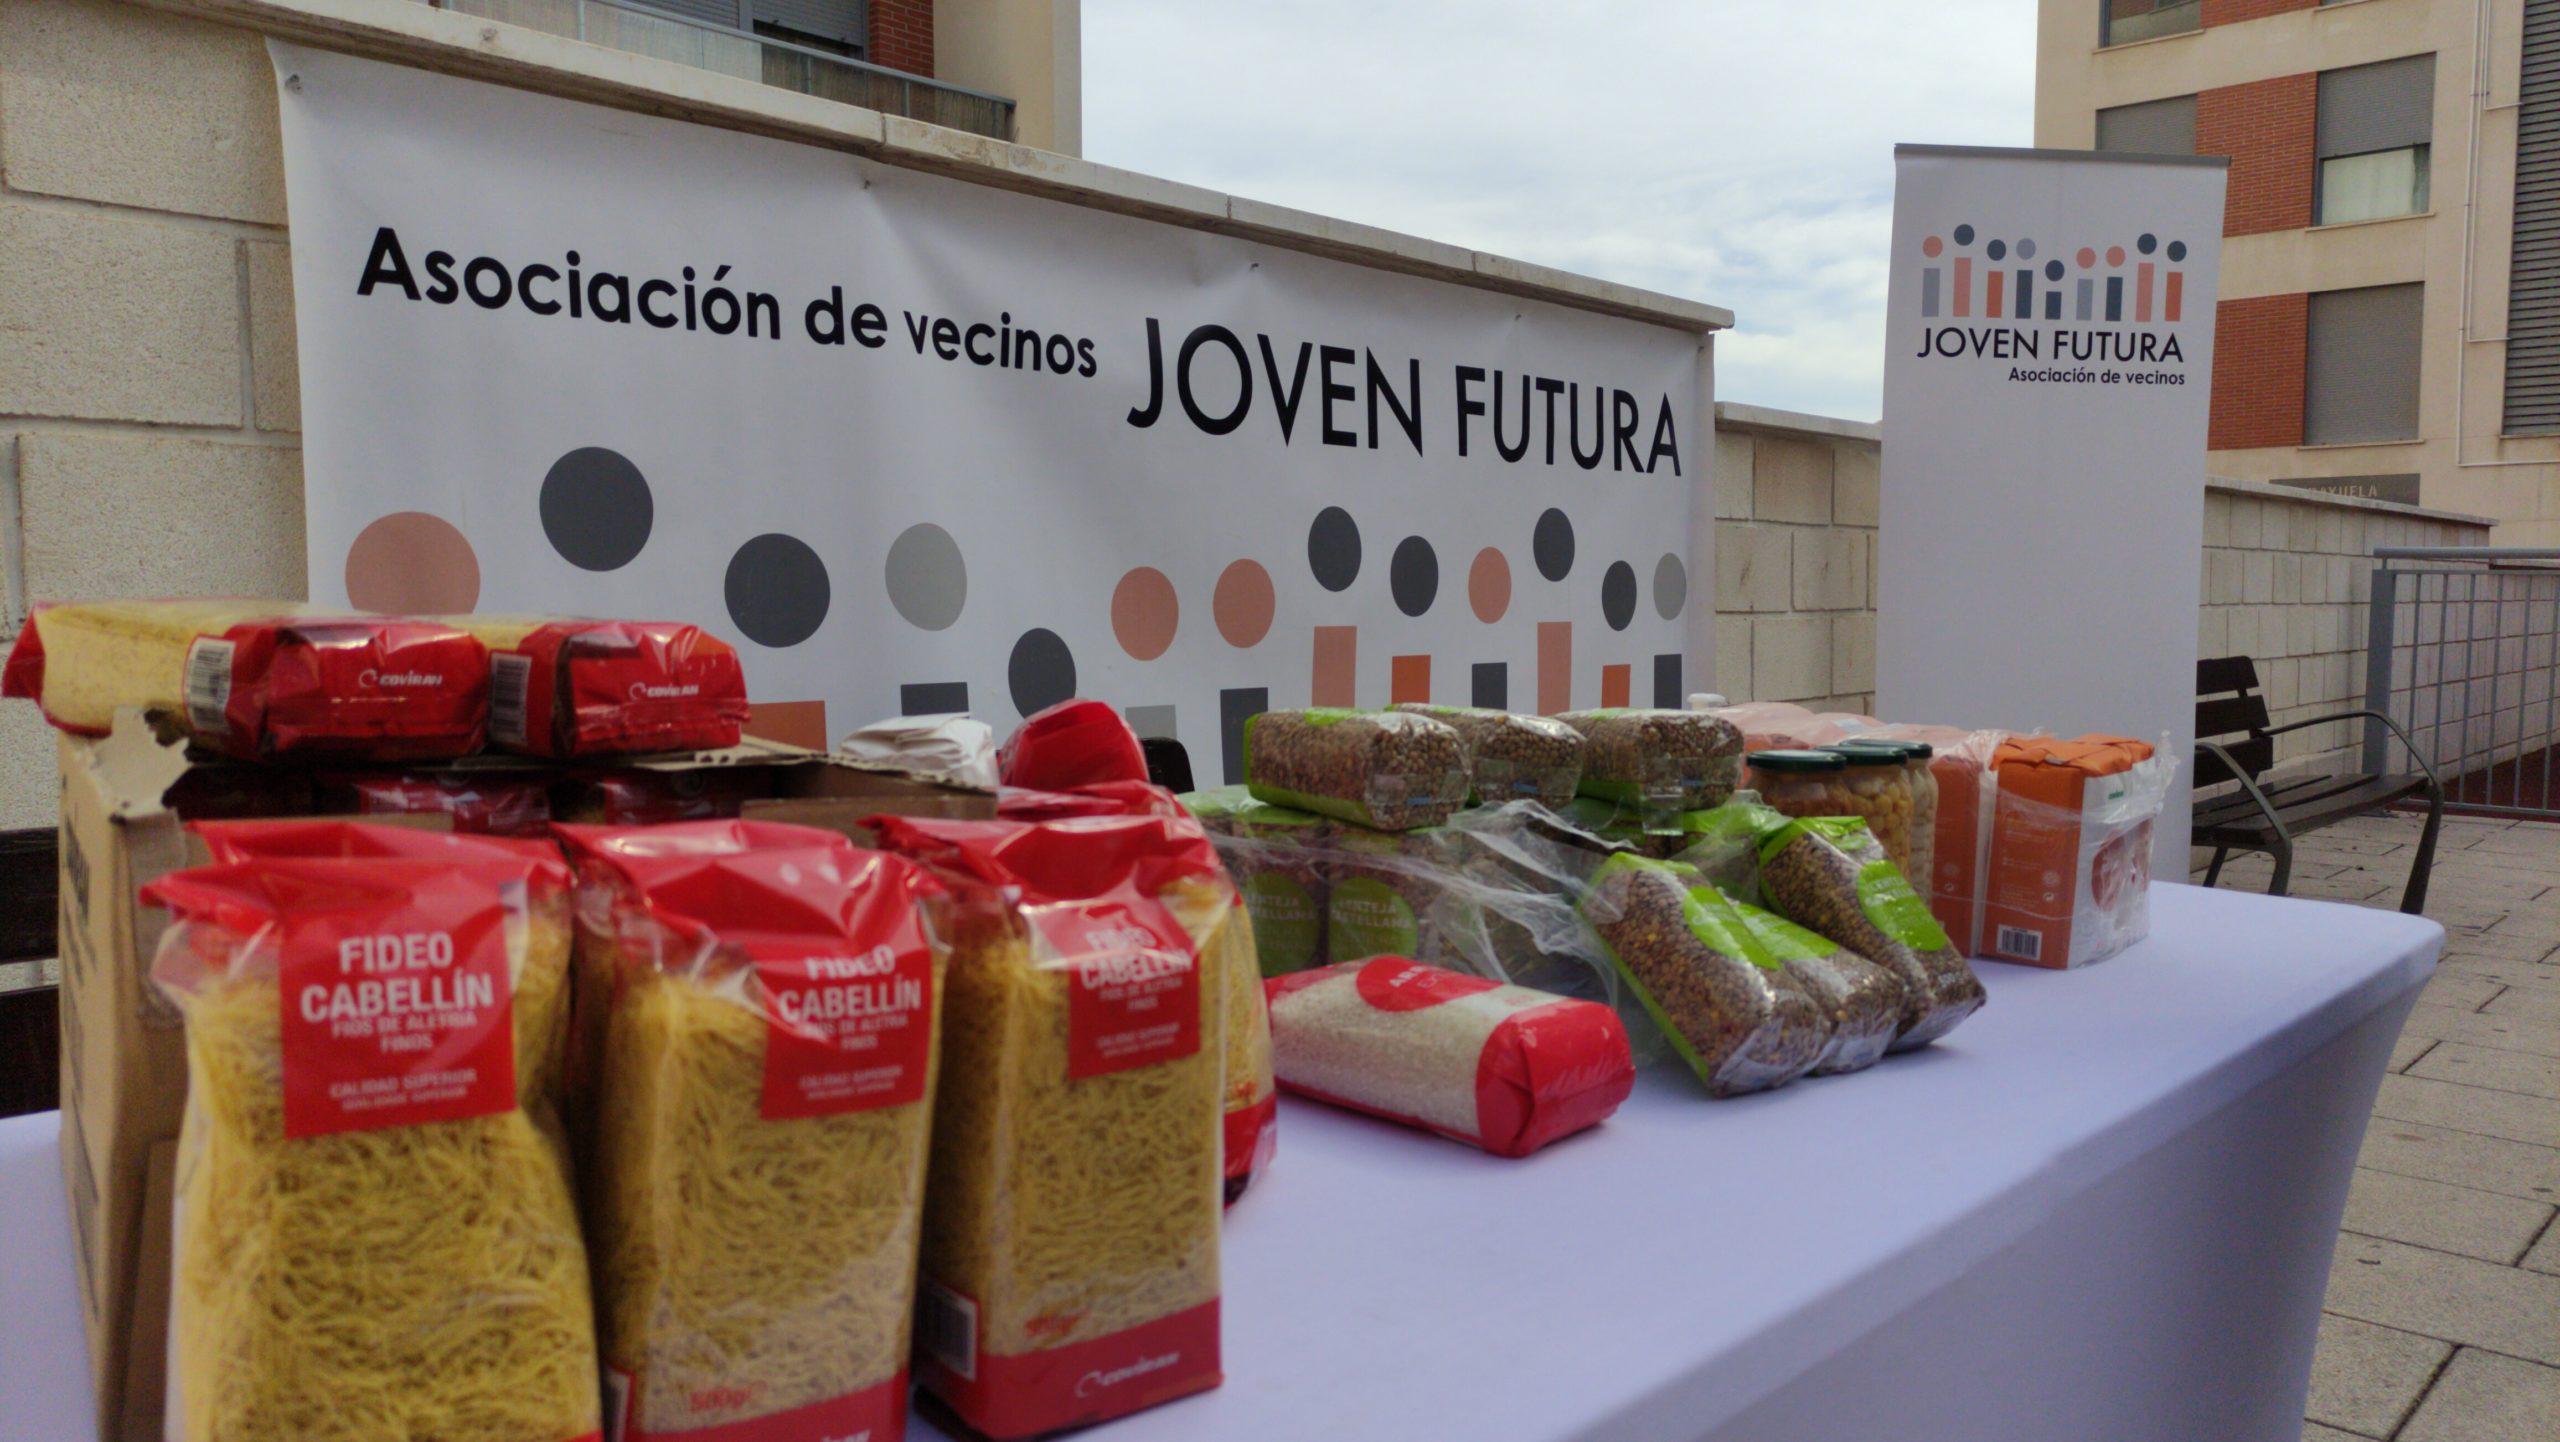 2020-10-23 Pequeña muestra de los 500kg de productos donados por la Asociación de Vecinos de Joven Futura a Cáritas parroquial de Espinardo